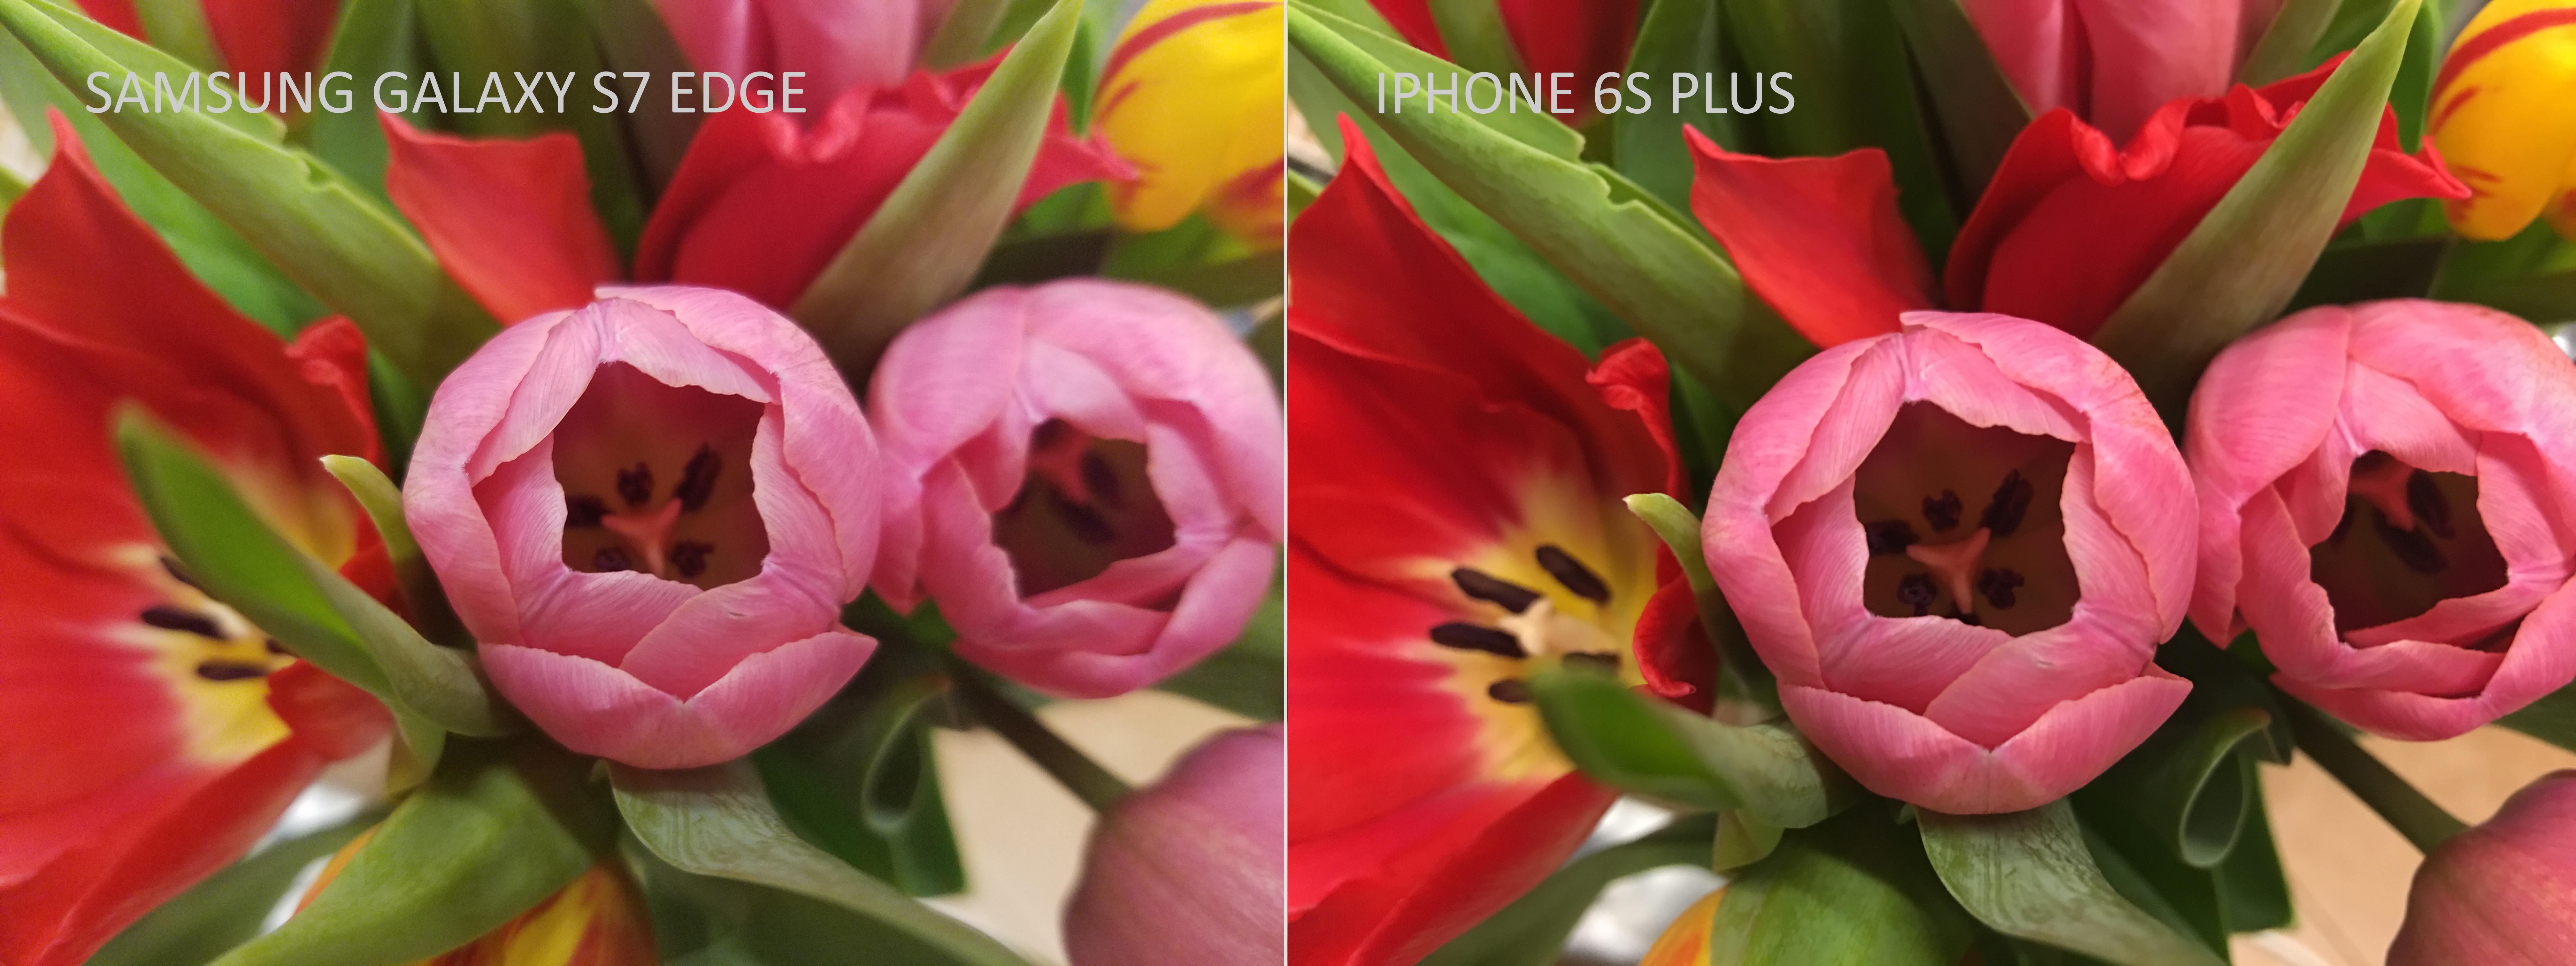 """iPhone 6s Plus кажется более """"цветным"""", зато из фото на Samsung GALAXY S7 Edge можно больше выжать в пост-обработке."""